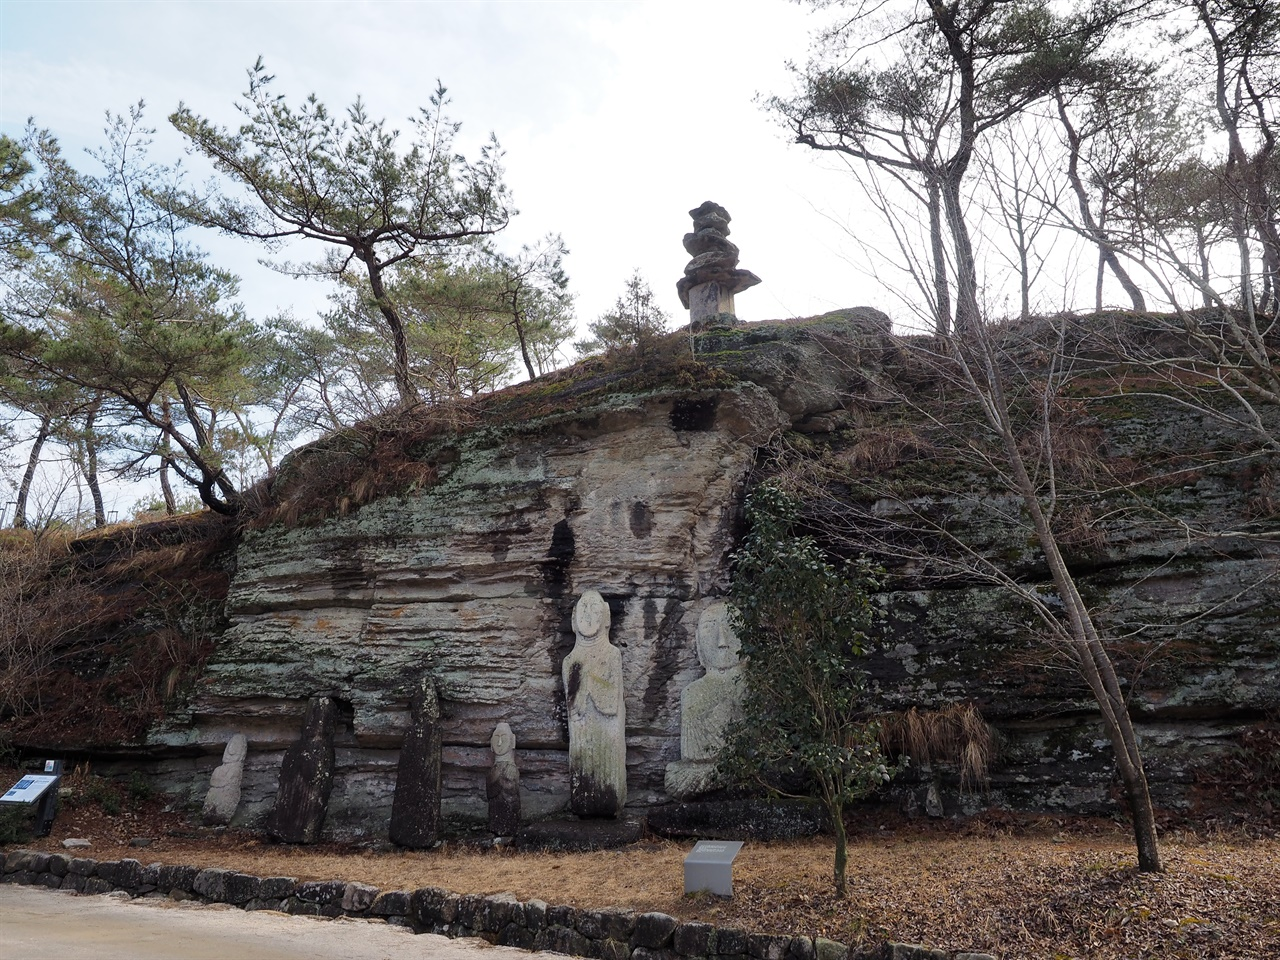 운주사 석불군 가 운주사 입구 9층석탑 동쪽에 있다. 1984년 발굴조사 당시 맨 오른쪽 불상 대좌 뒤편에서 8~9세기 것으로 추정되는 금동 불상과 여래 입상이 출토되었다.